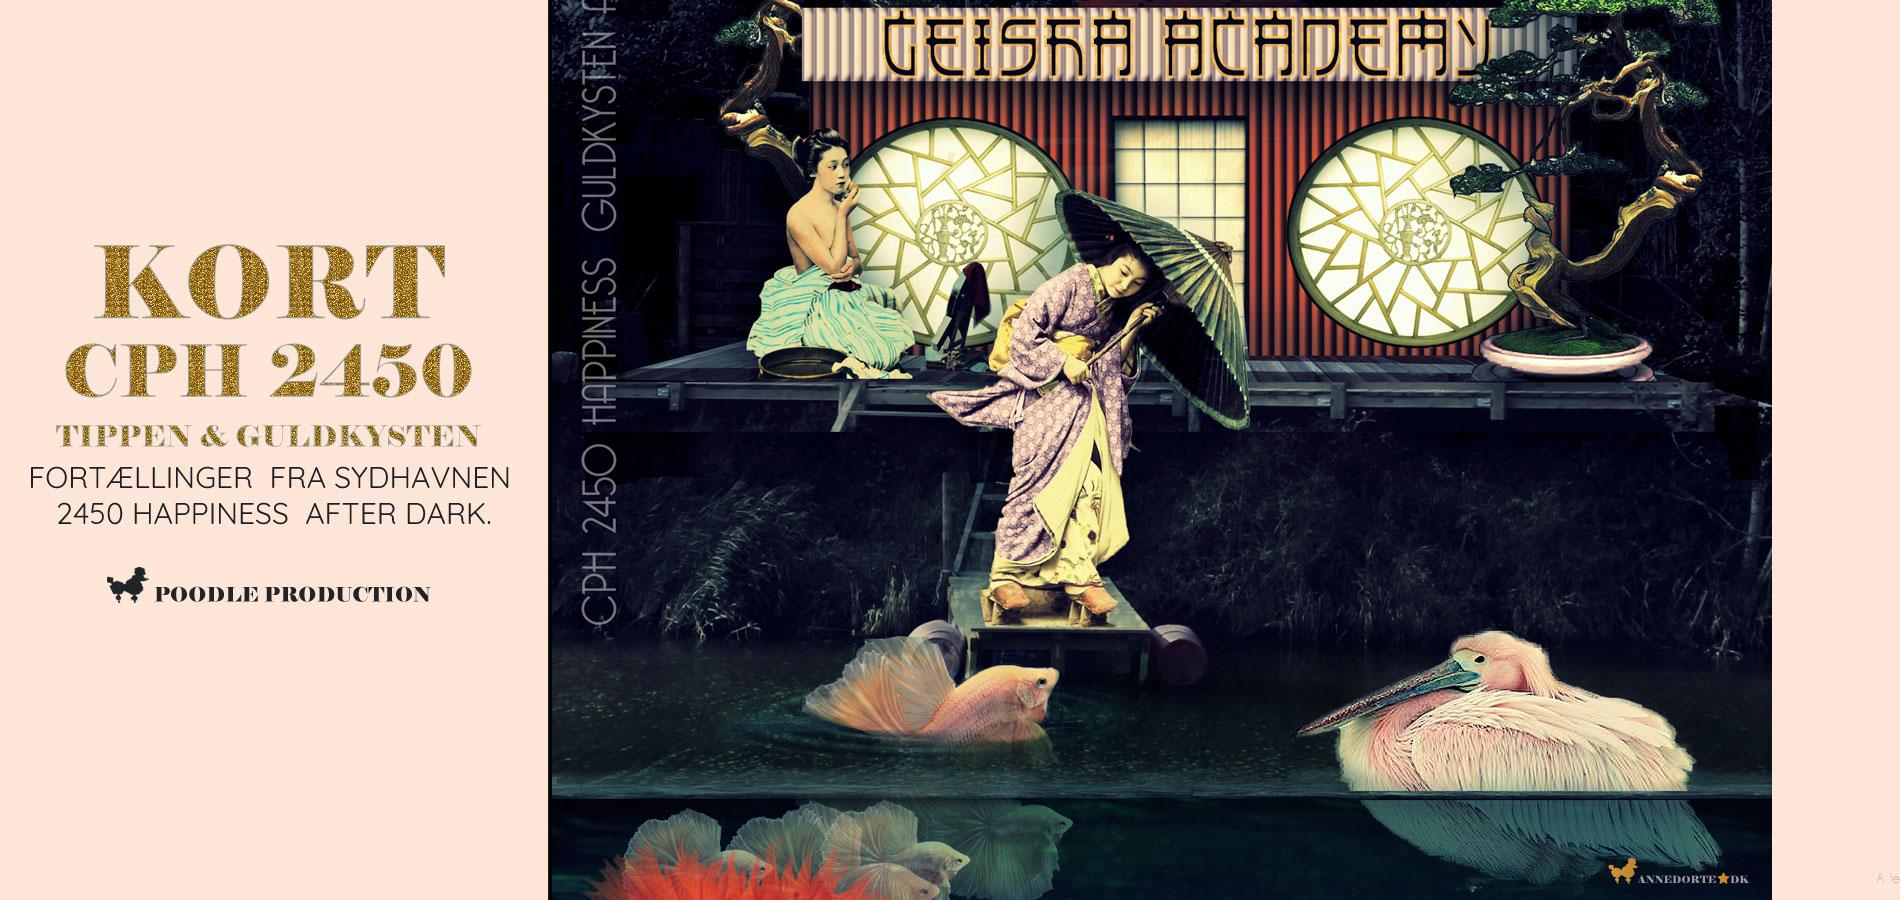 Plakat fra sydhavnen 2450 København. Geisha Academy